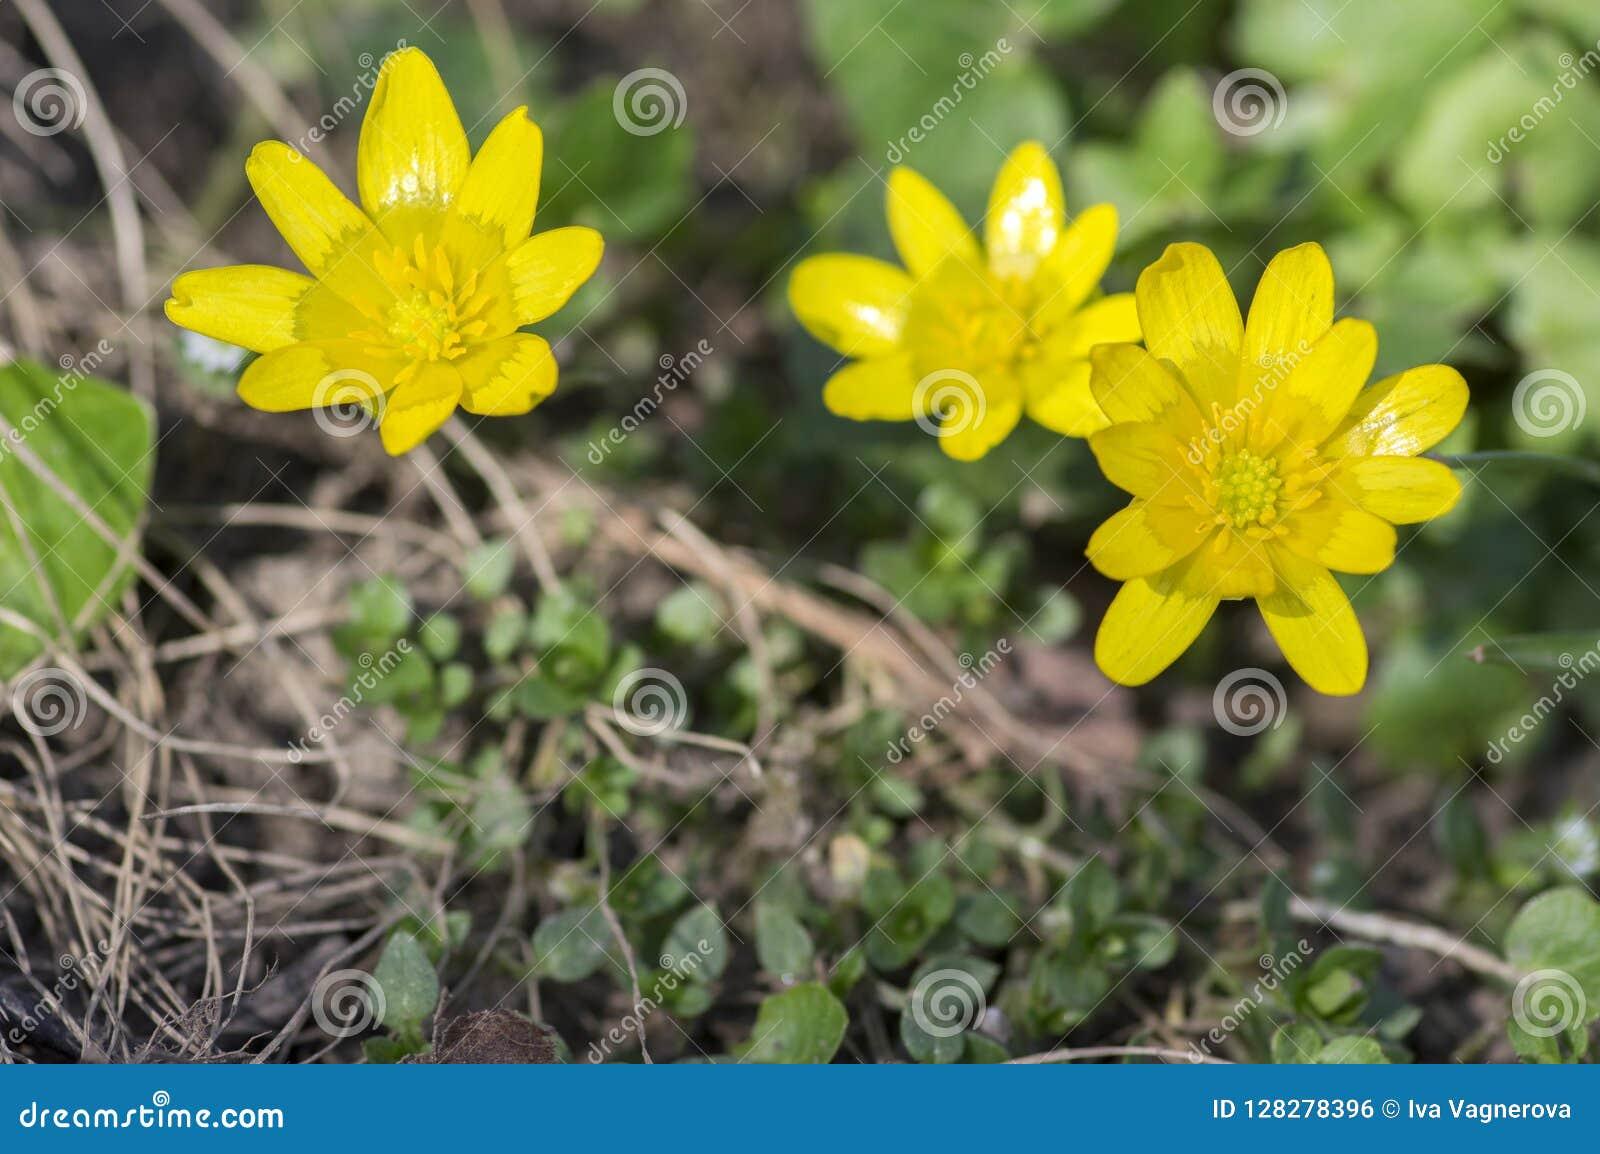 Pianta Fiori Gialli Primavera.Pianta Selvatica Di Verna Di Ficaria Che Fiorisce Nelle Foreste